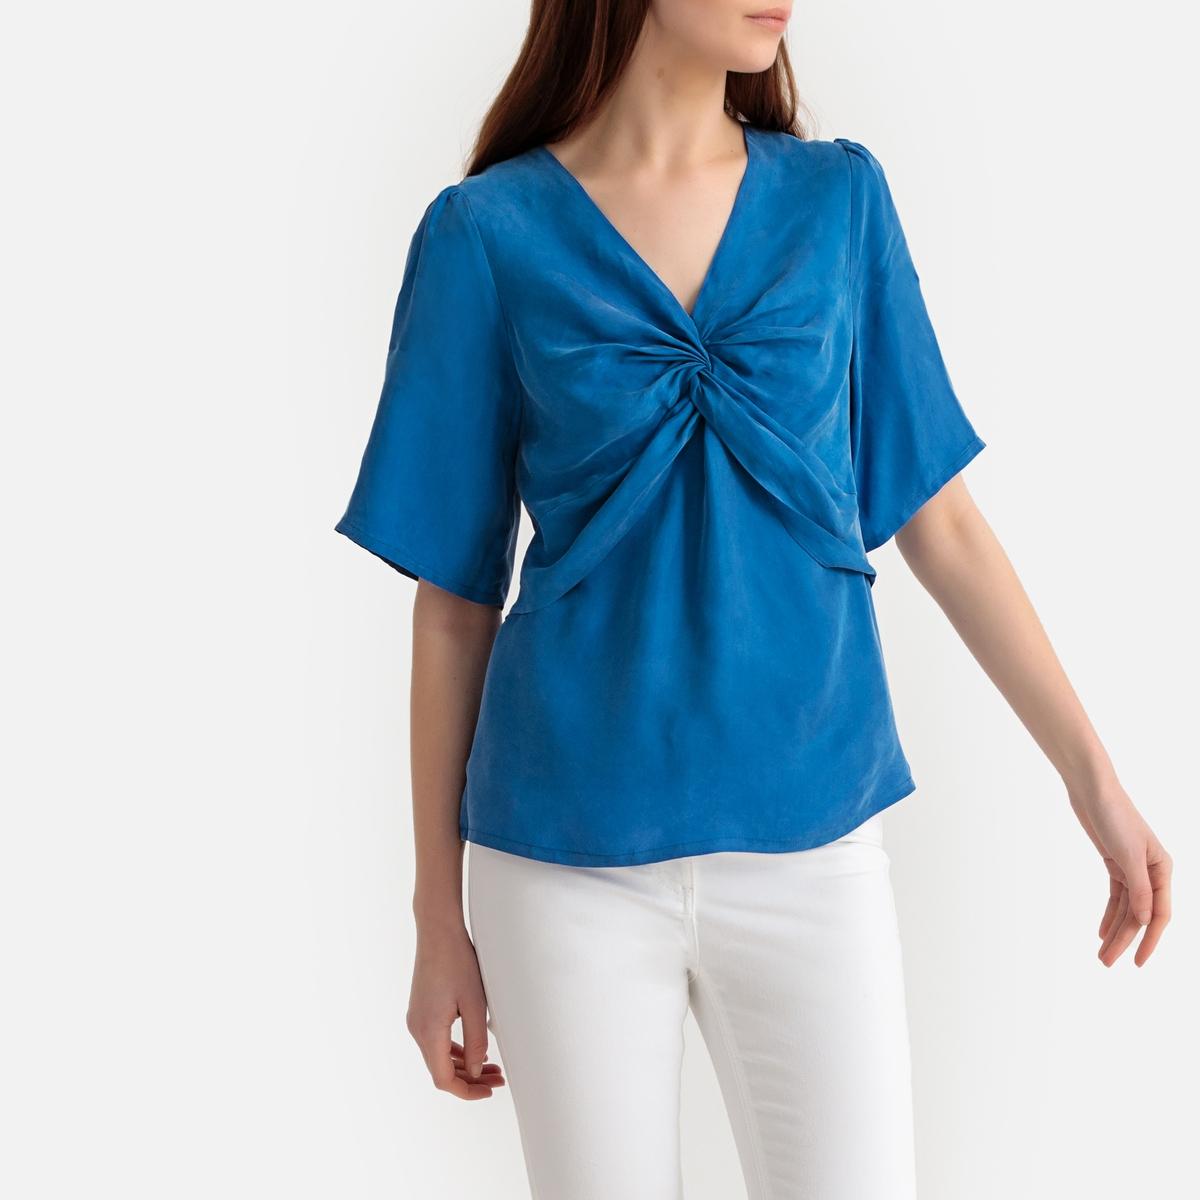 цена Блузка La Redoute С драпировкой на груди и короткими рукавами XS синий онлайн в 2017 году